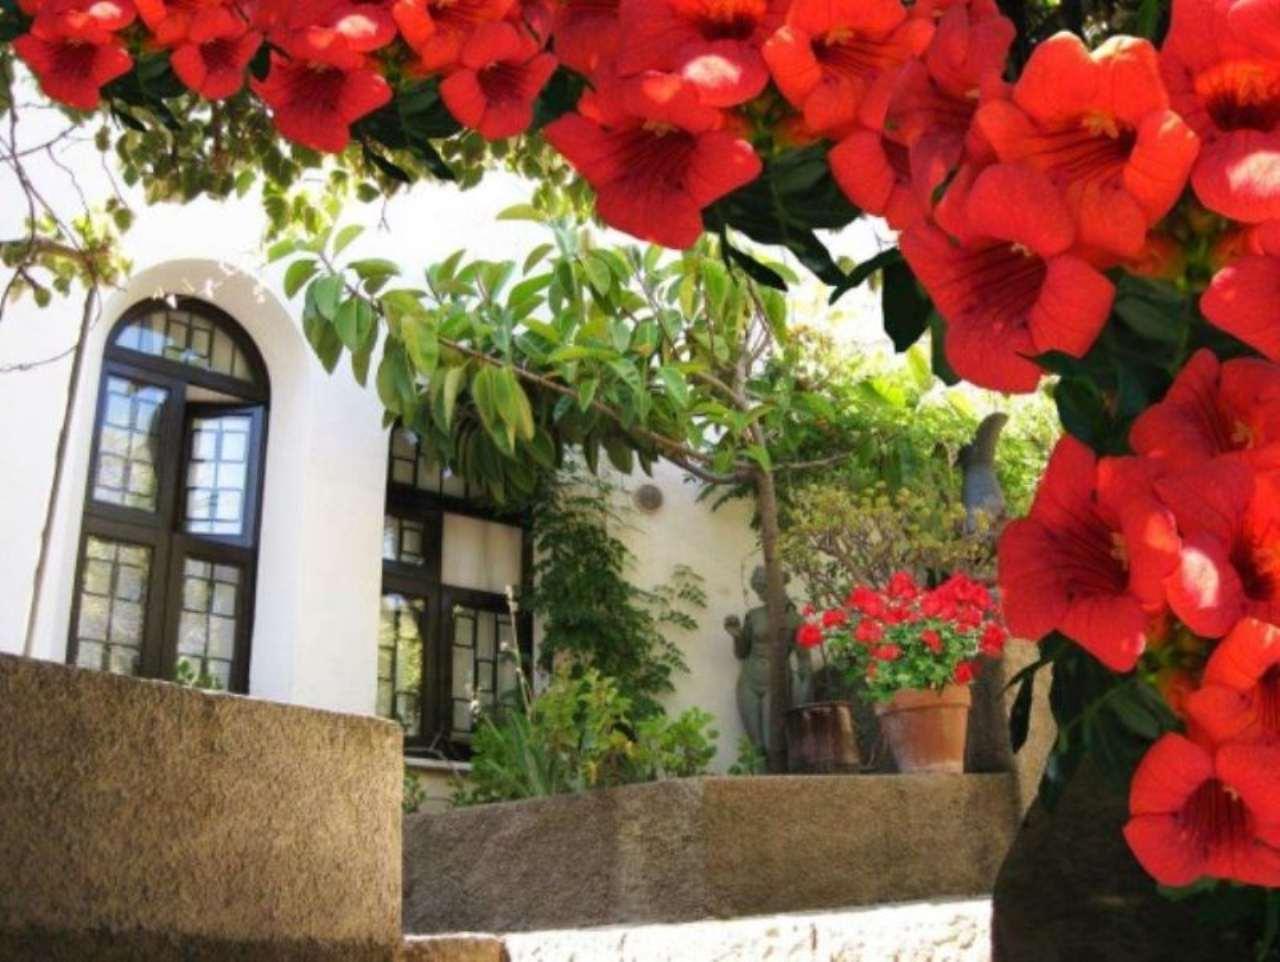 Albergo in vendita a La Maddalena, 8 locali, prezzo € 5.800.000   Cambio Casa.it